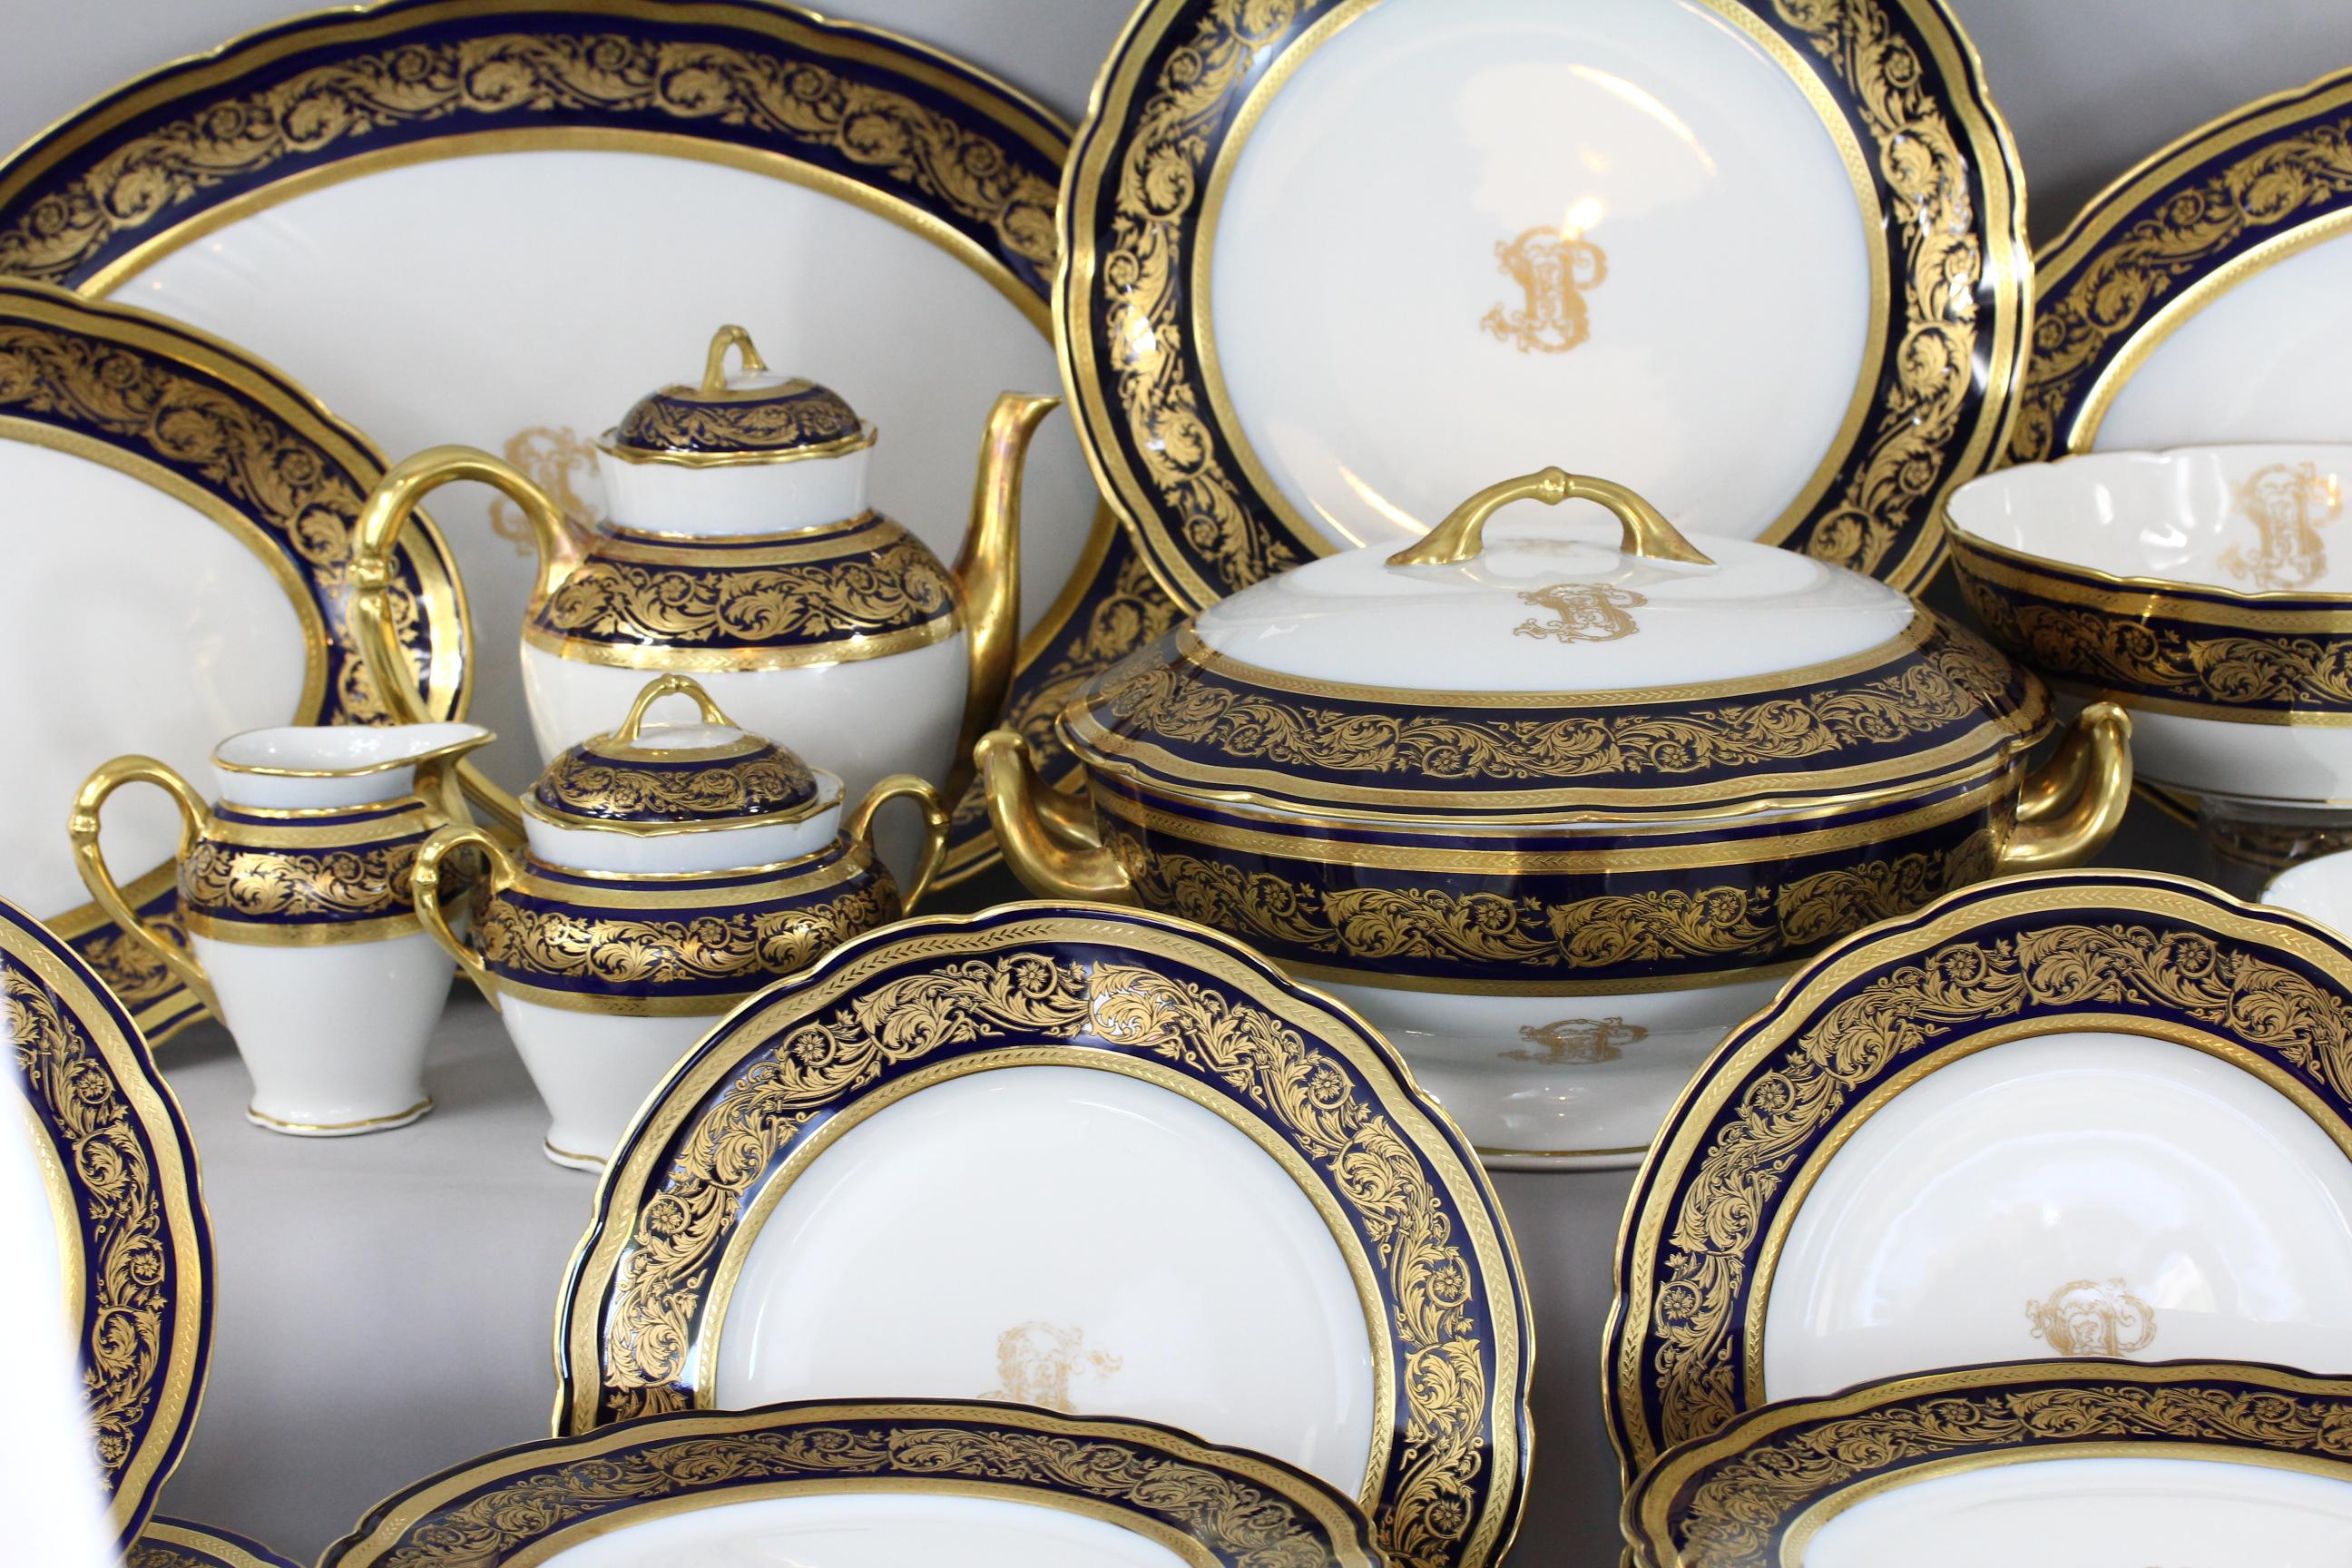 ambiance service de table complet en porcelaine. Black Bedroom Furniture Sets. Home Design Ideas